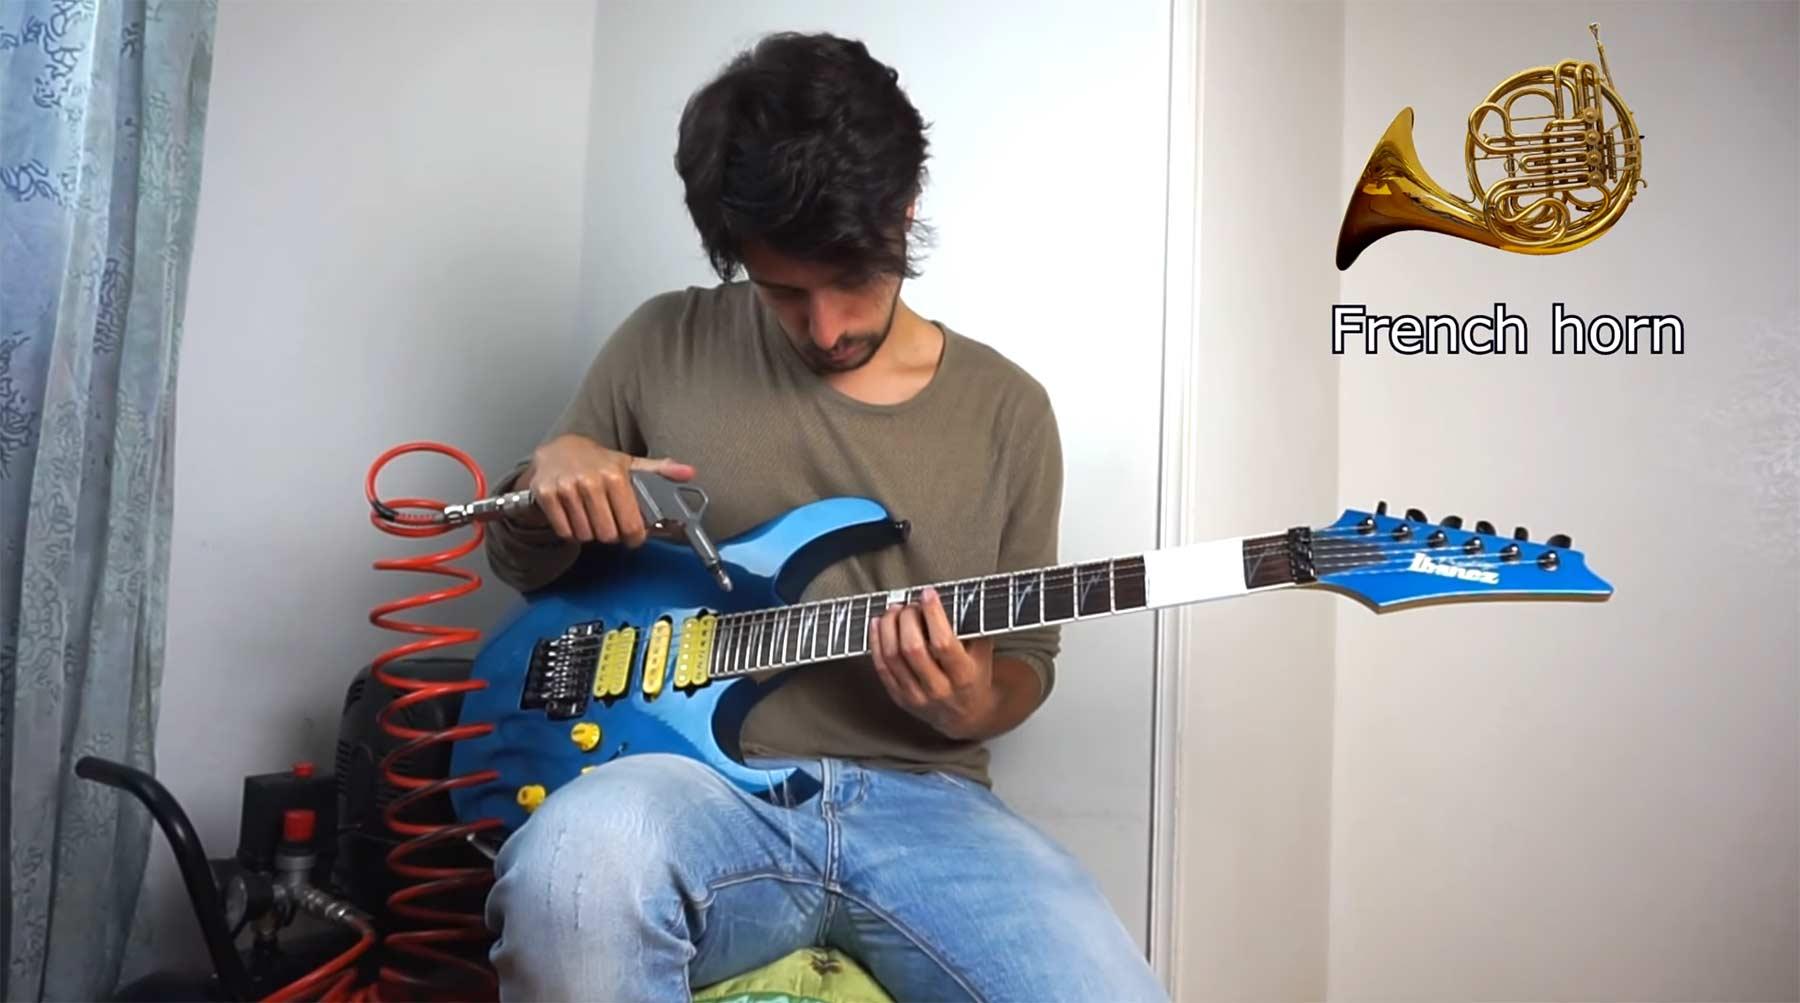 Luft + Gitarre = Trompete, Klarinette und andere Instrumente